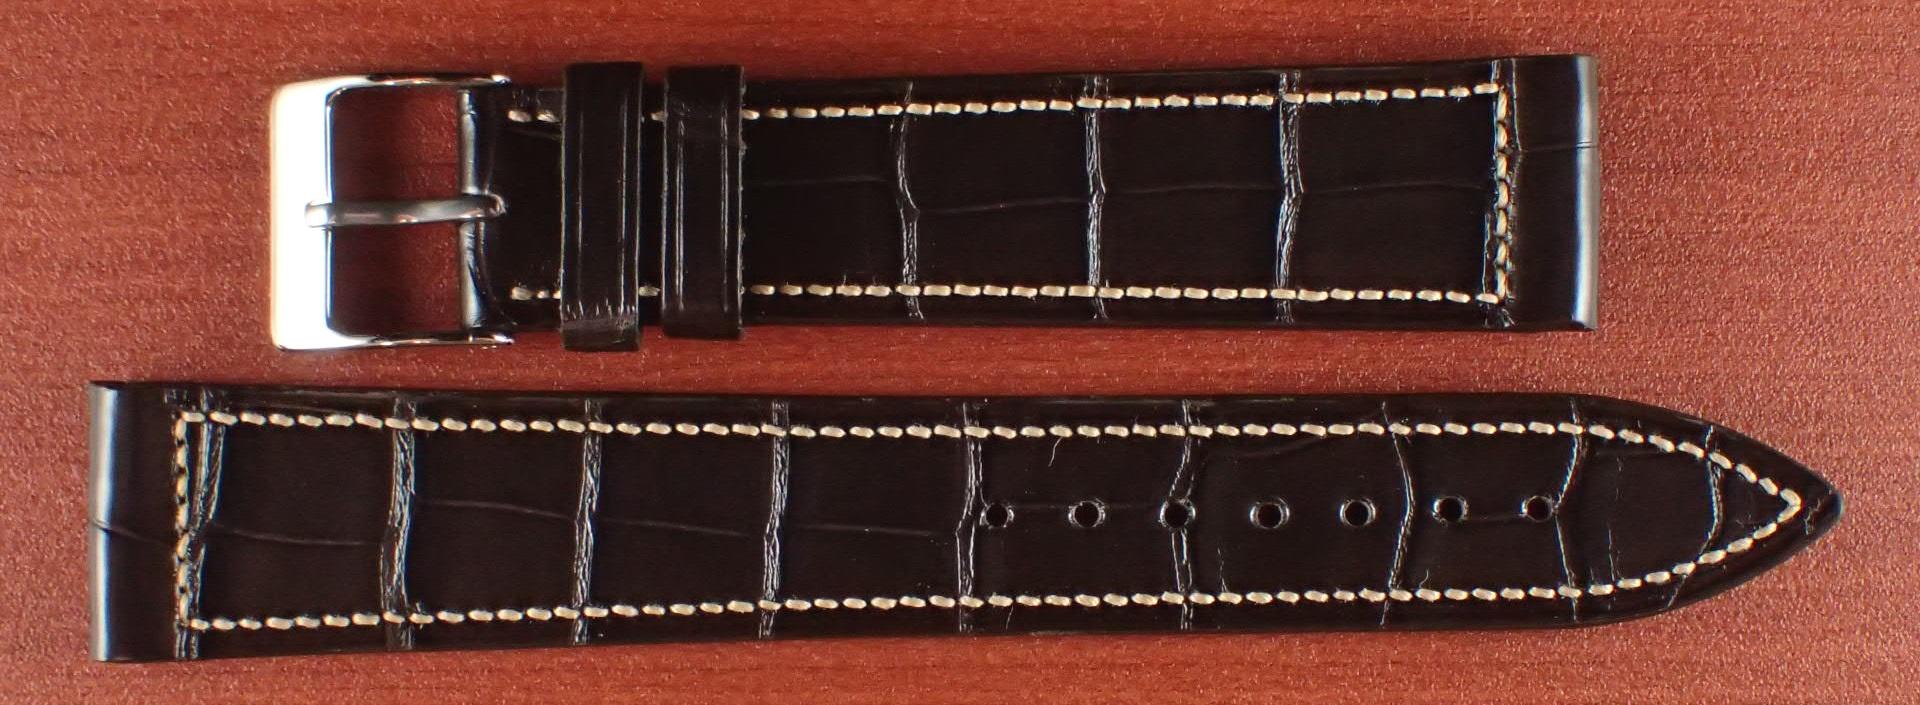 ジャン・クロード ペラン革ベルト クロコダイル チョコレート 18mm